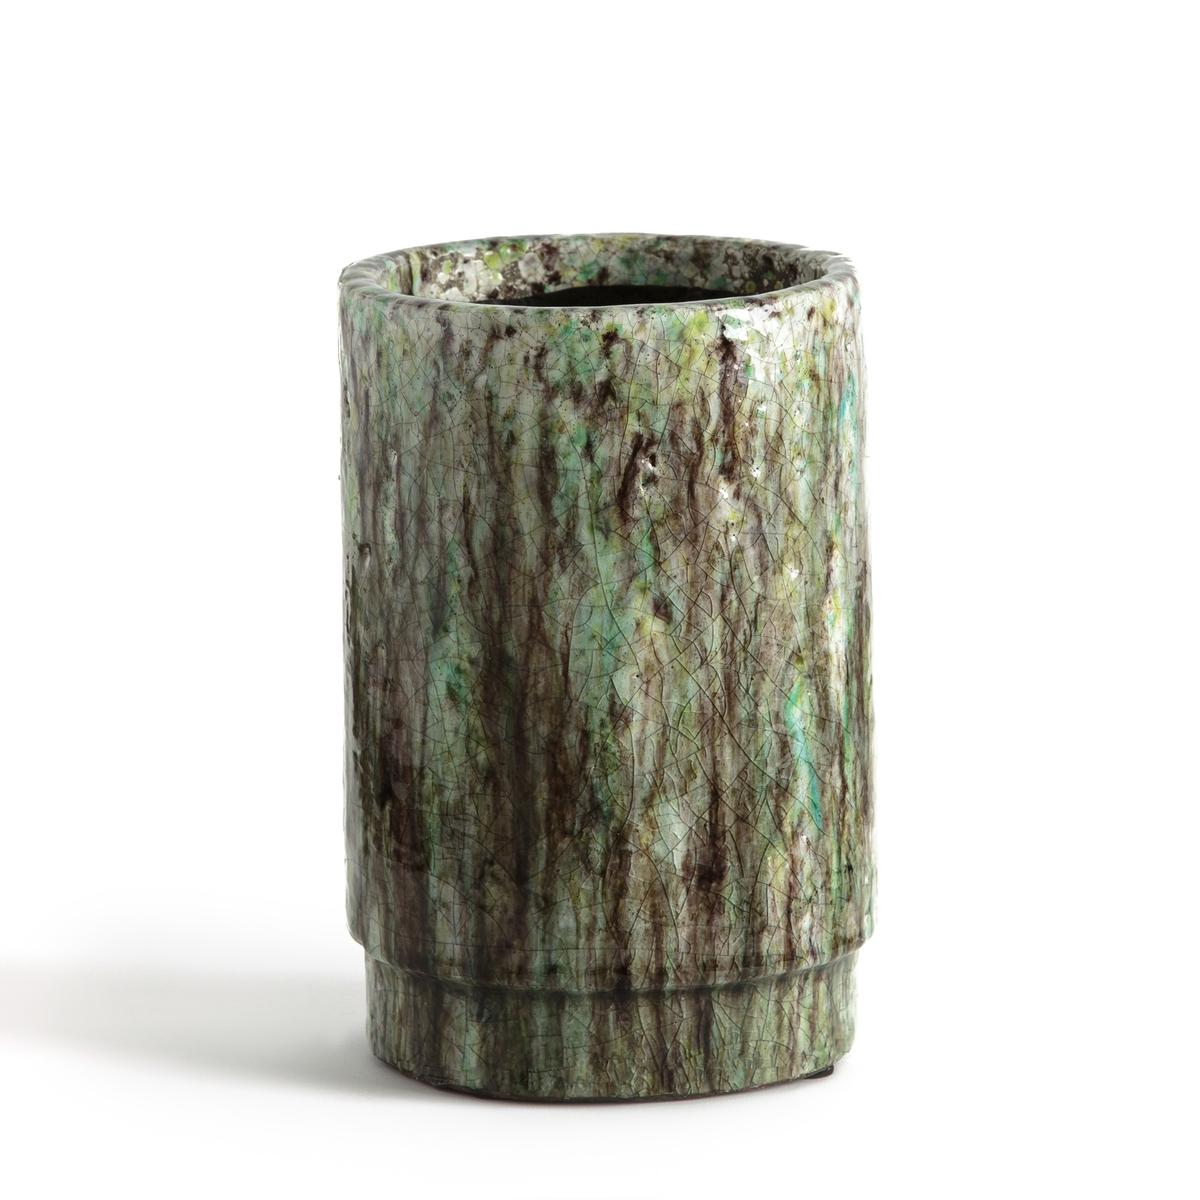 Кашпо из керамики, В.23 см, Vécordie